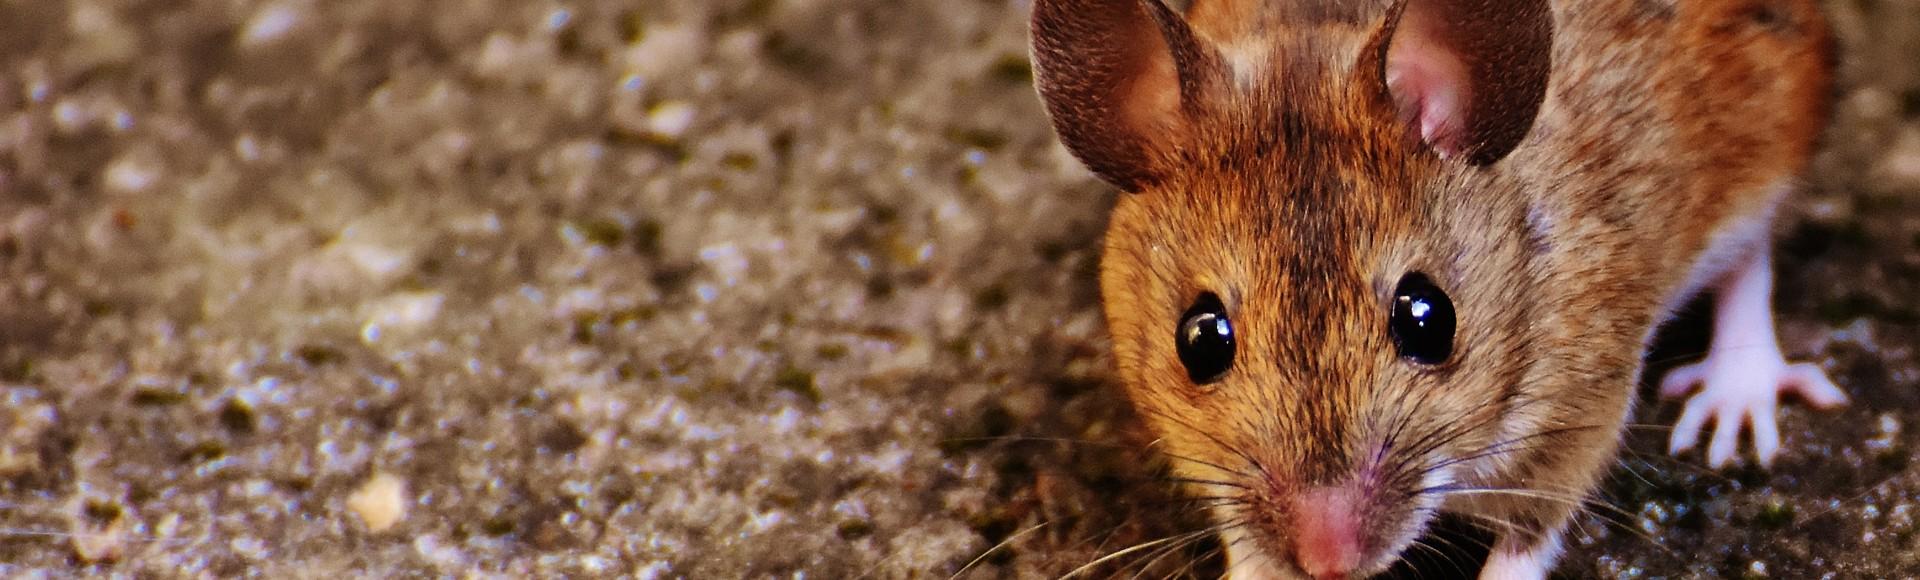 ...die Maus        ...die EINZIGE echte Alternative!